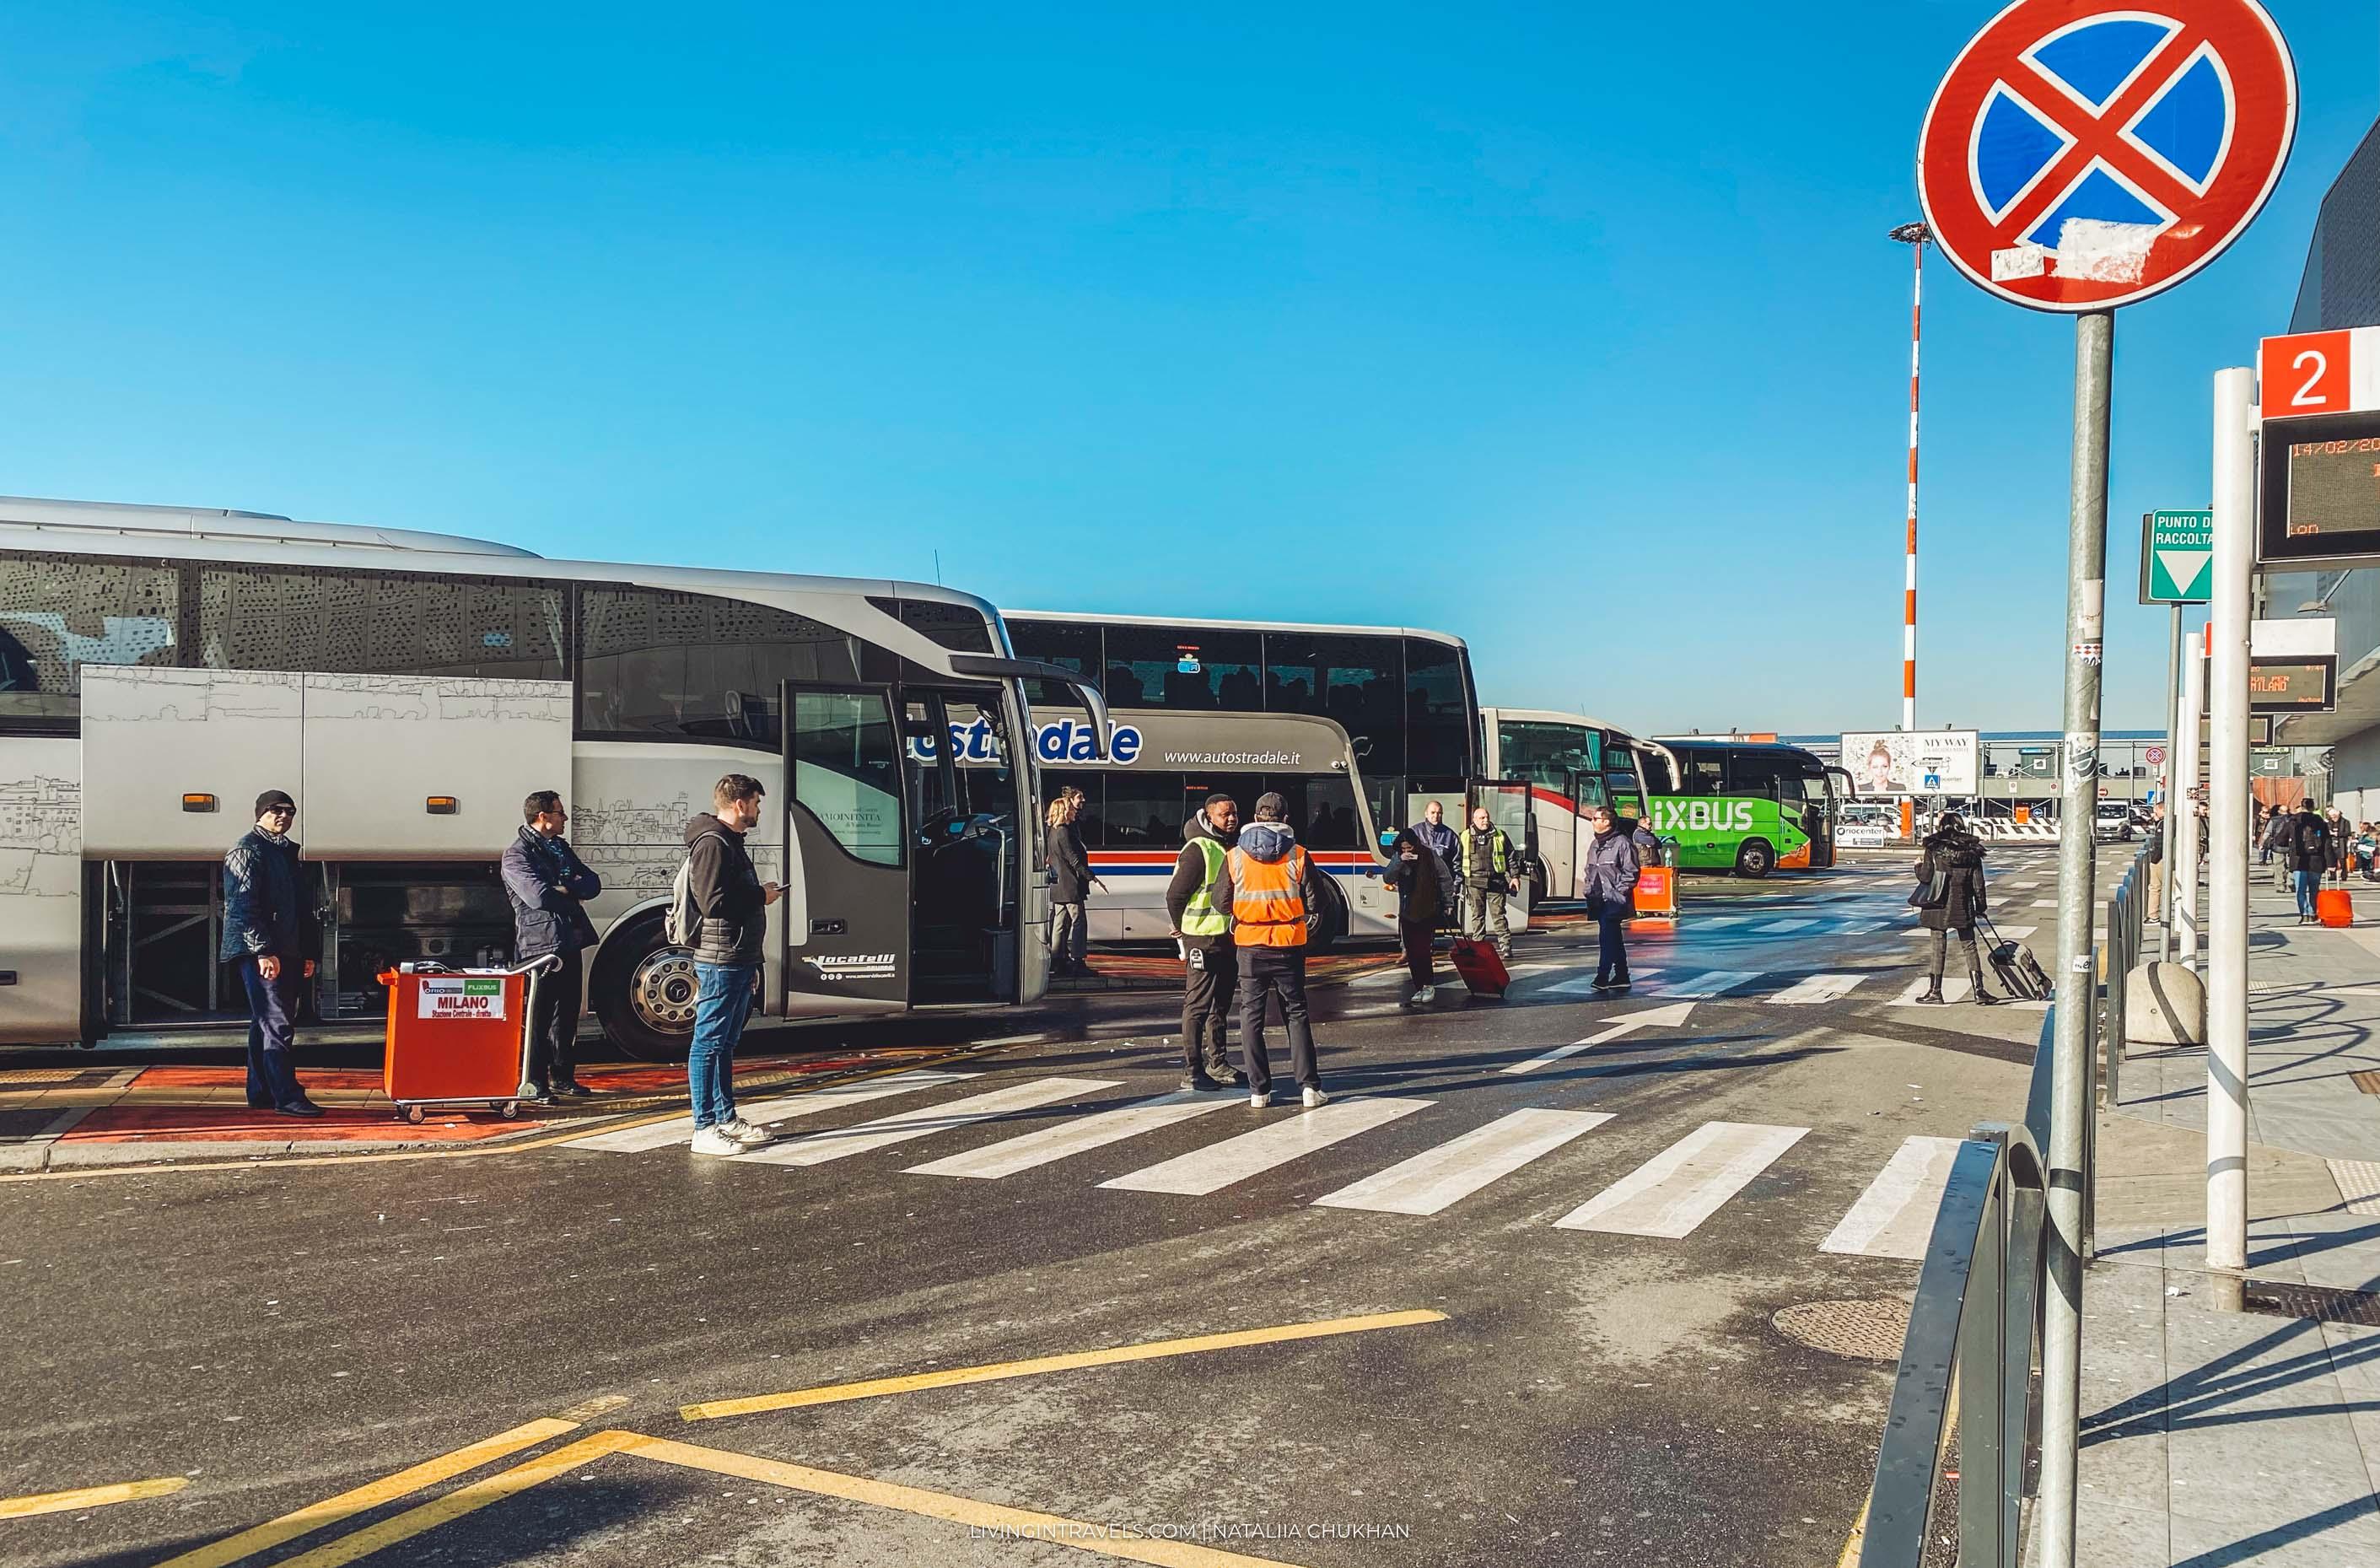 Аэропорт Милан-Бергамо: как добраться в центр Милана